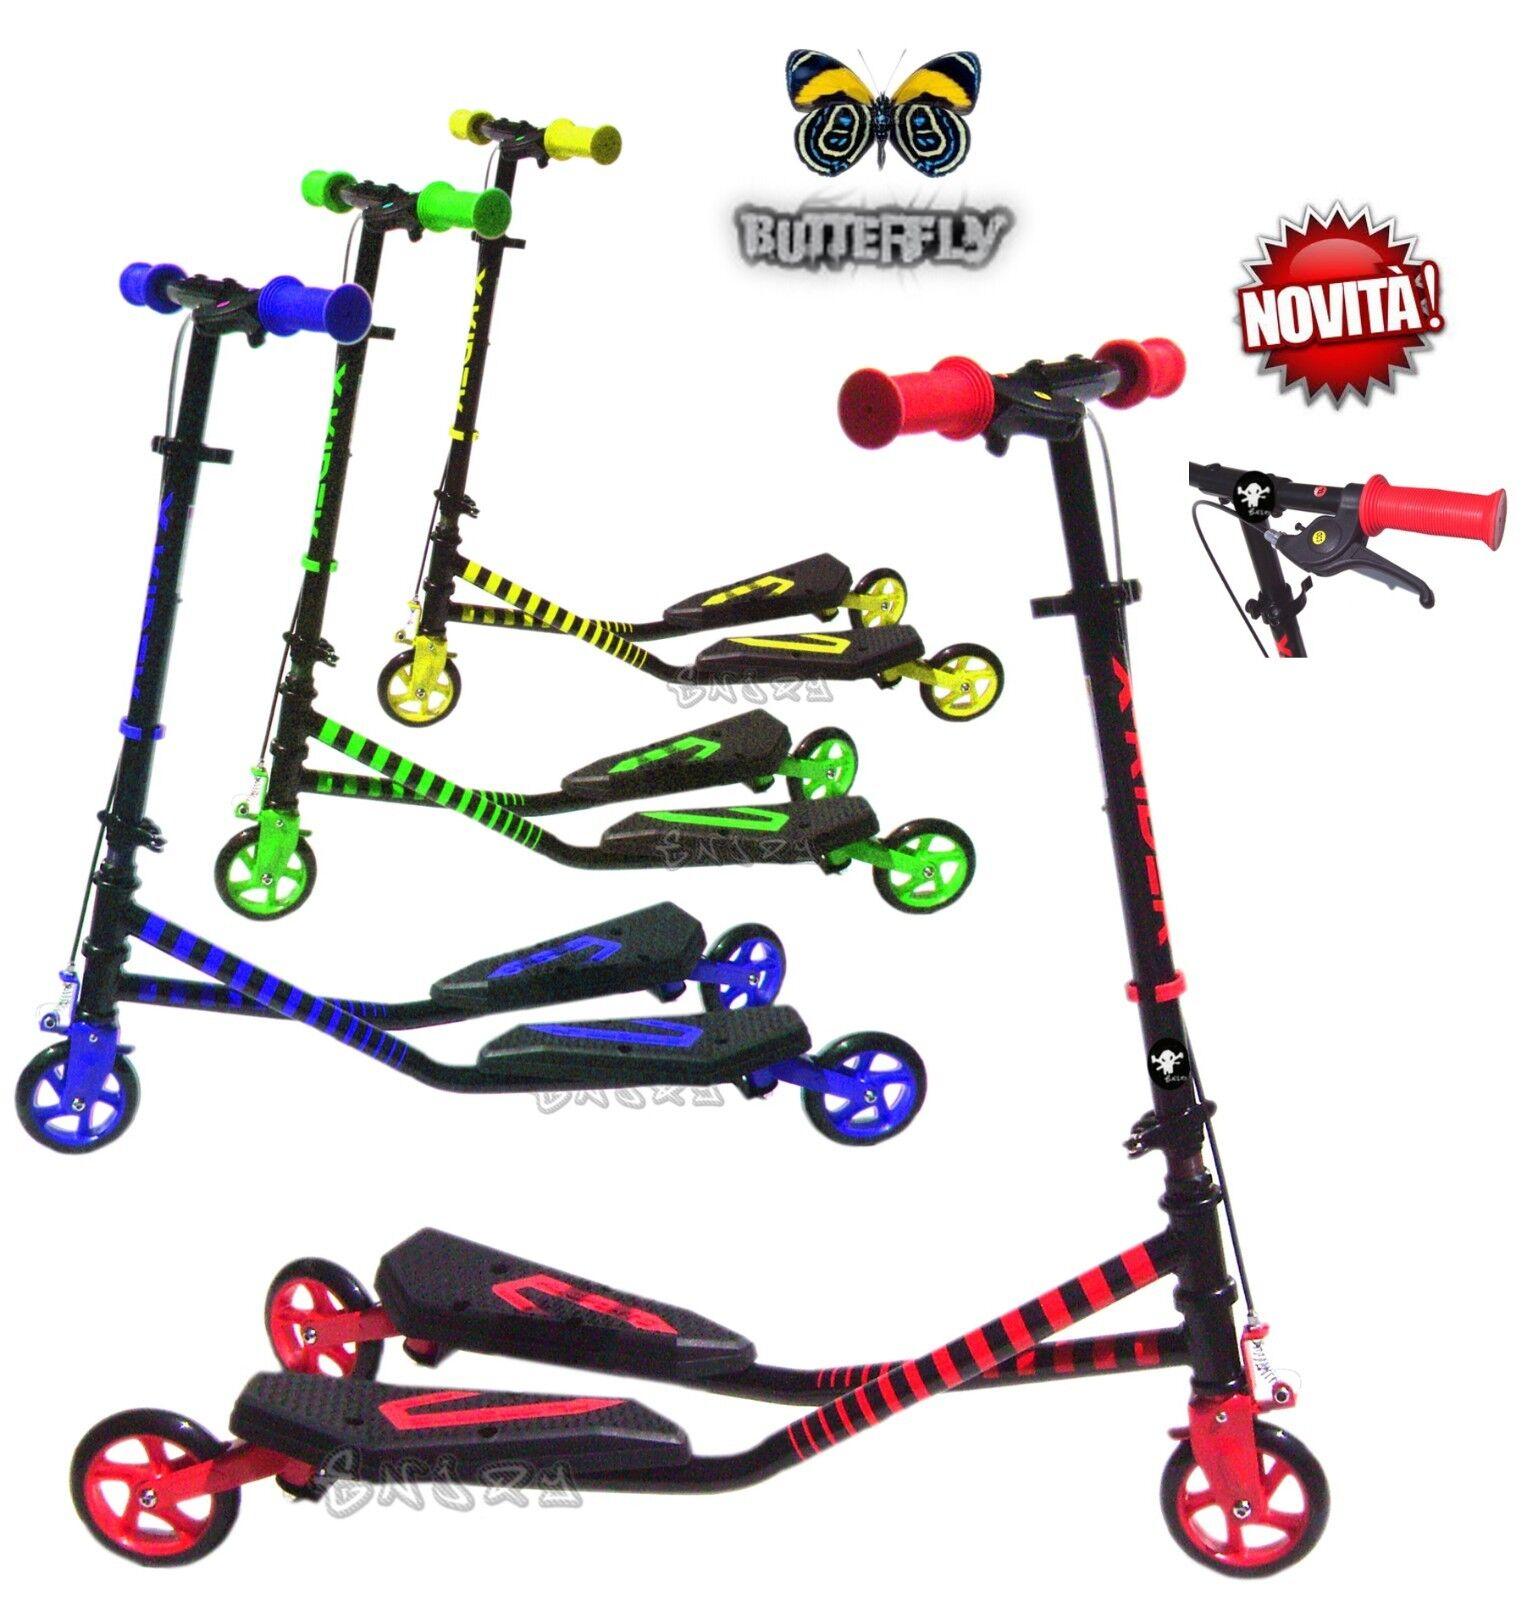 Roller Drosselklappe für Kinder mit Bremse Bipattino